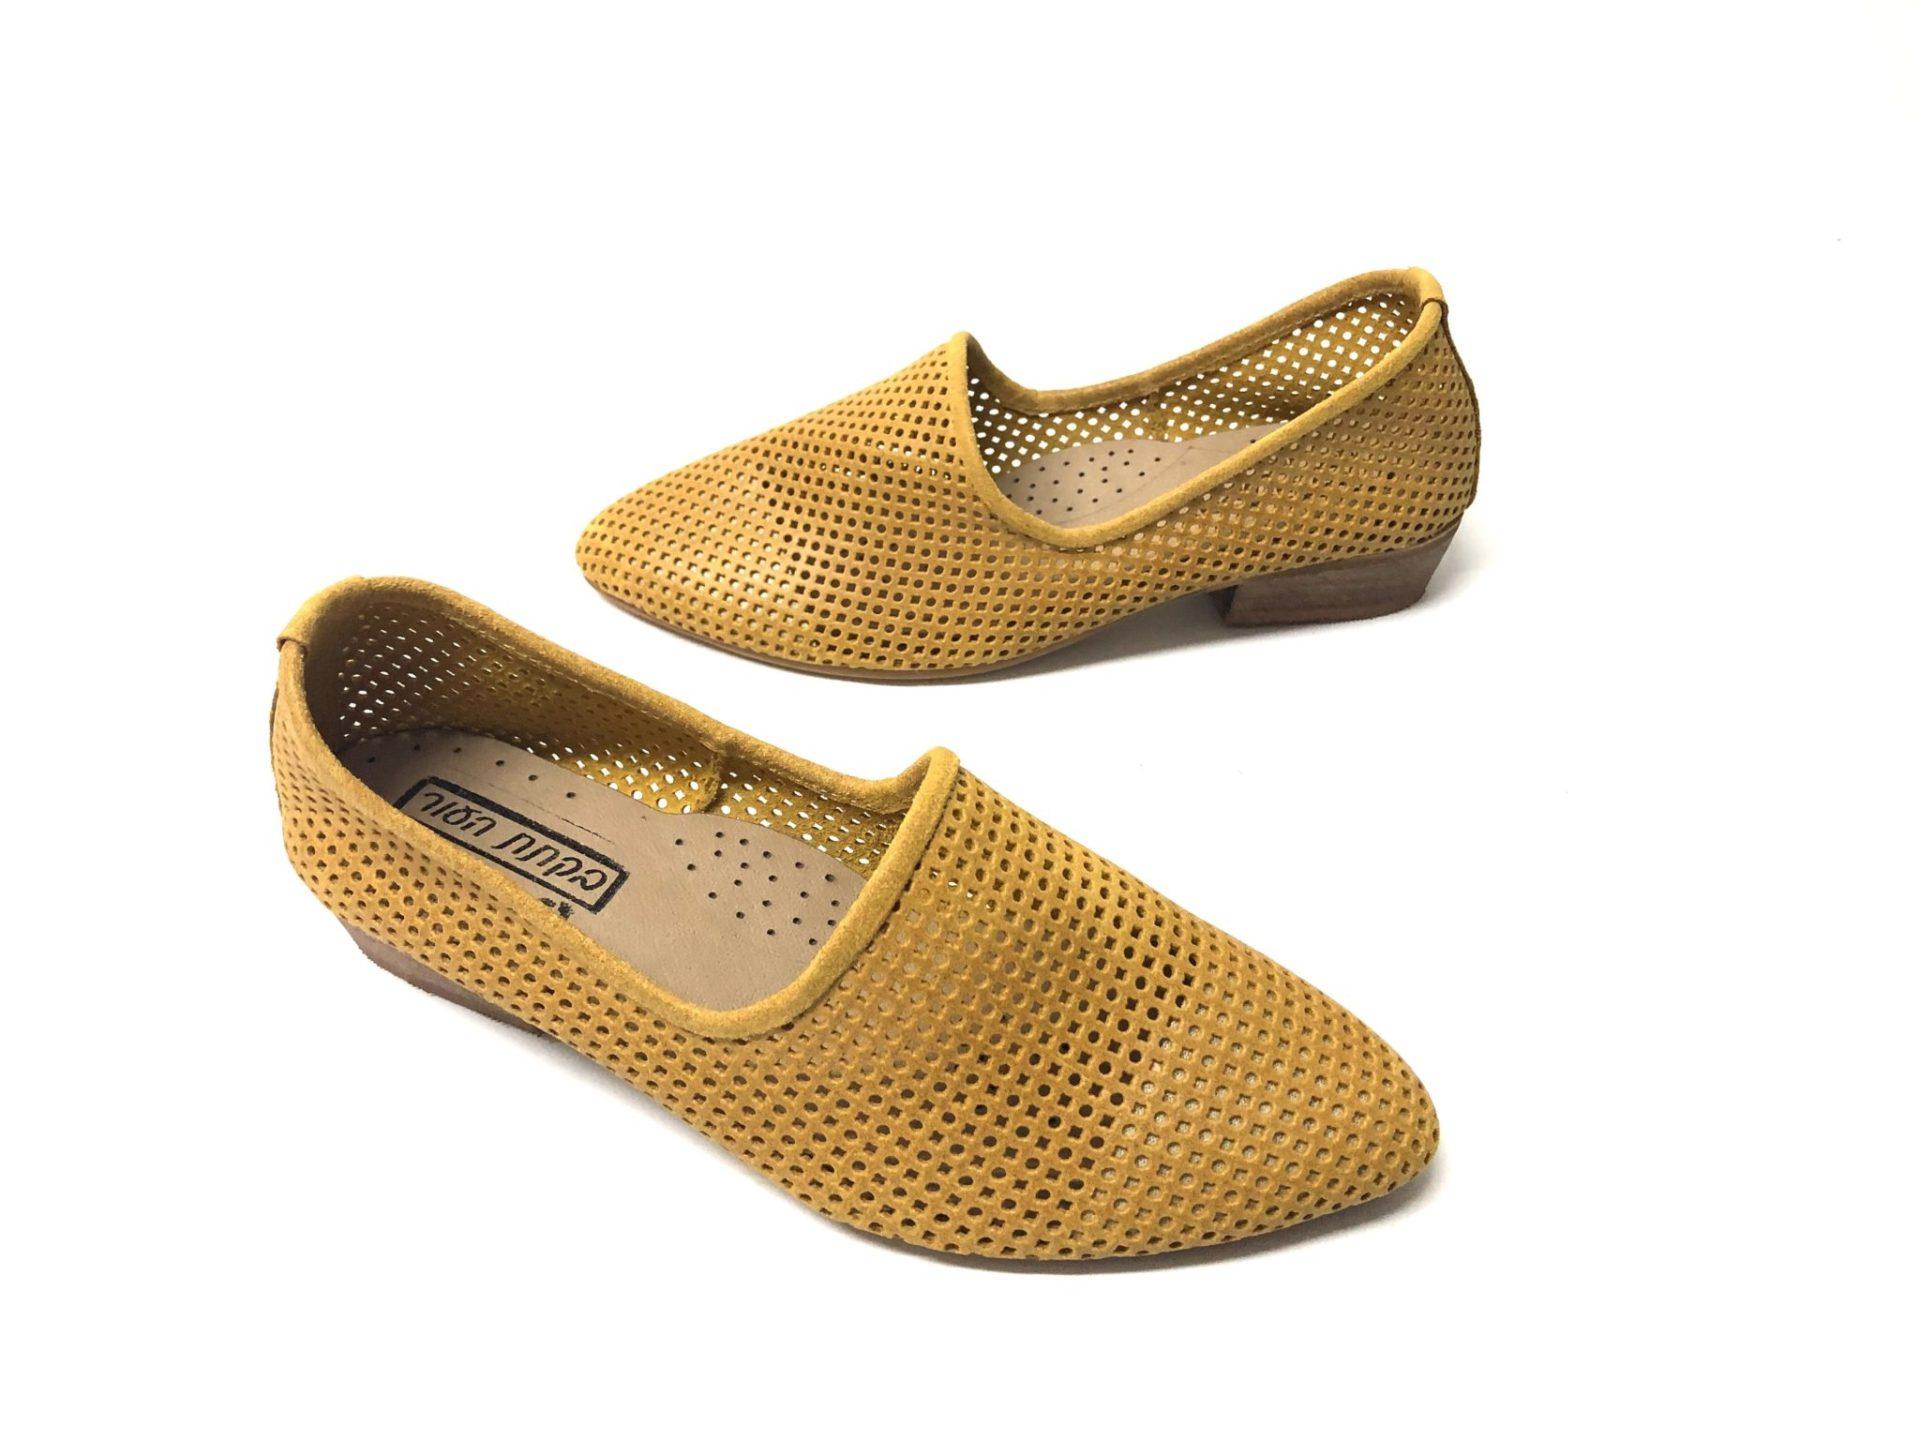 דגם 1245 : נעל מוקסין מחורר בצבע חרדל